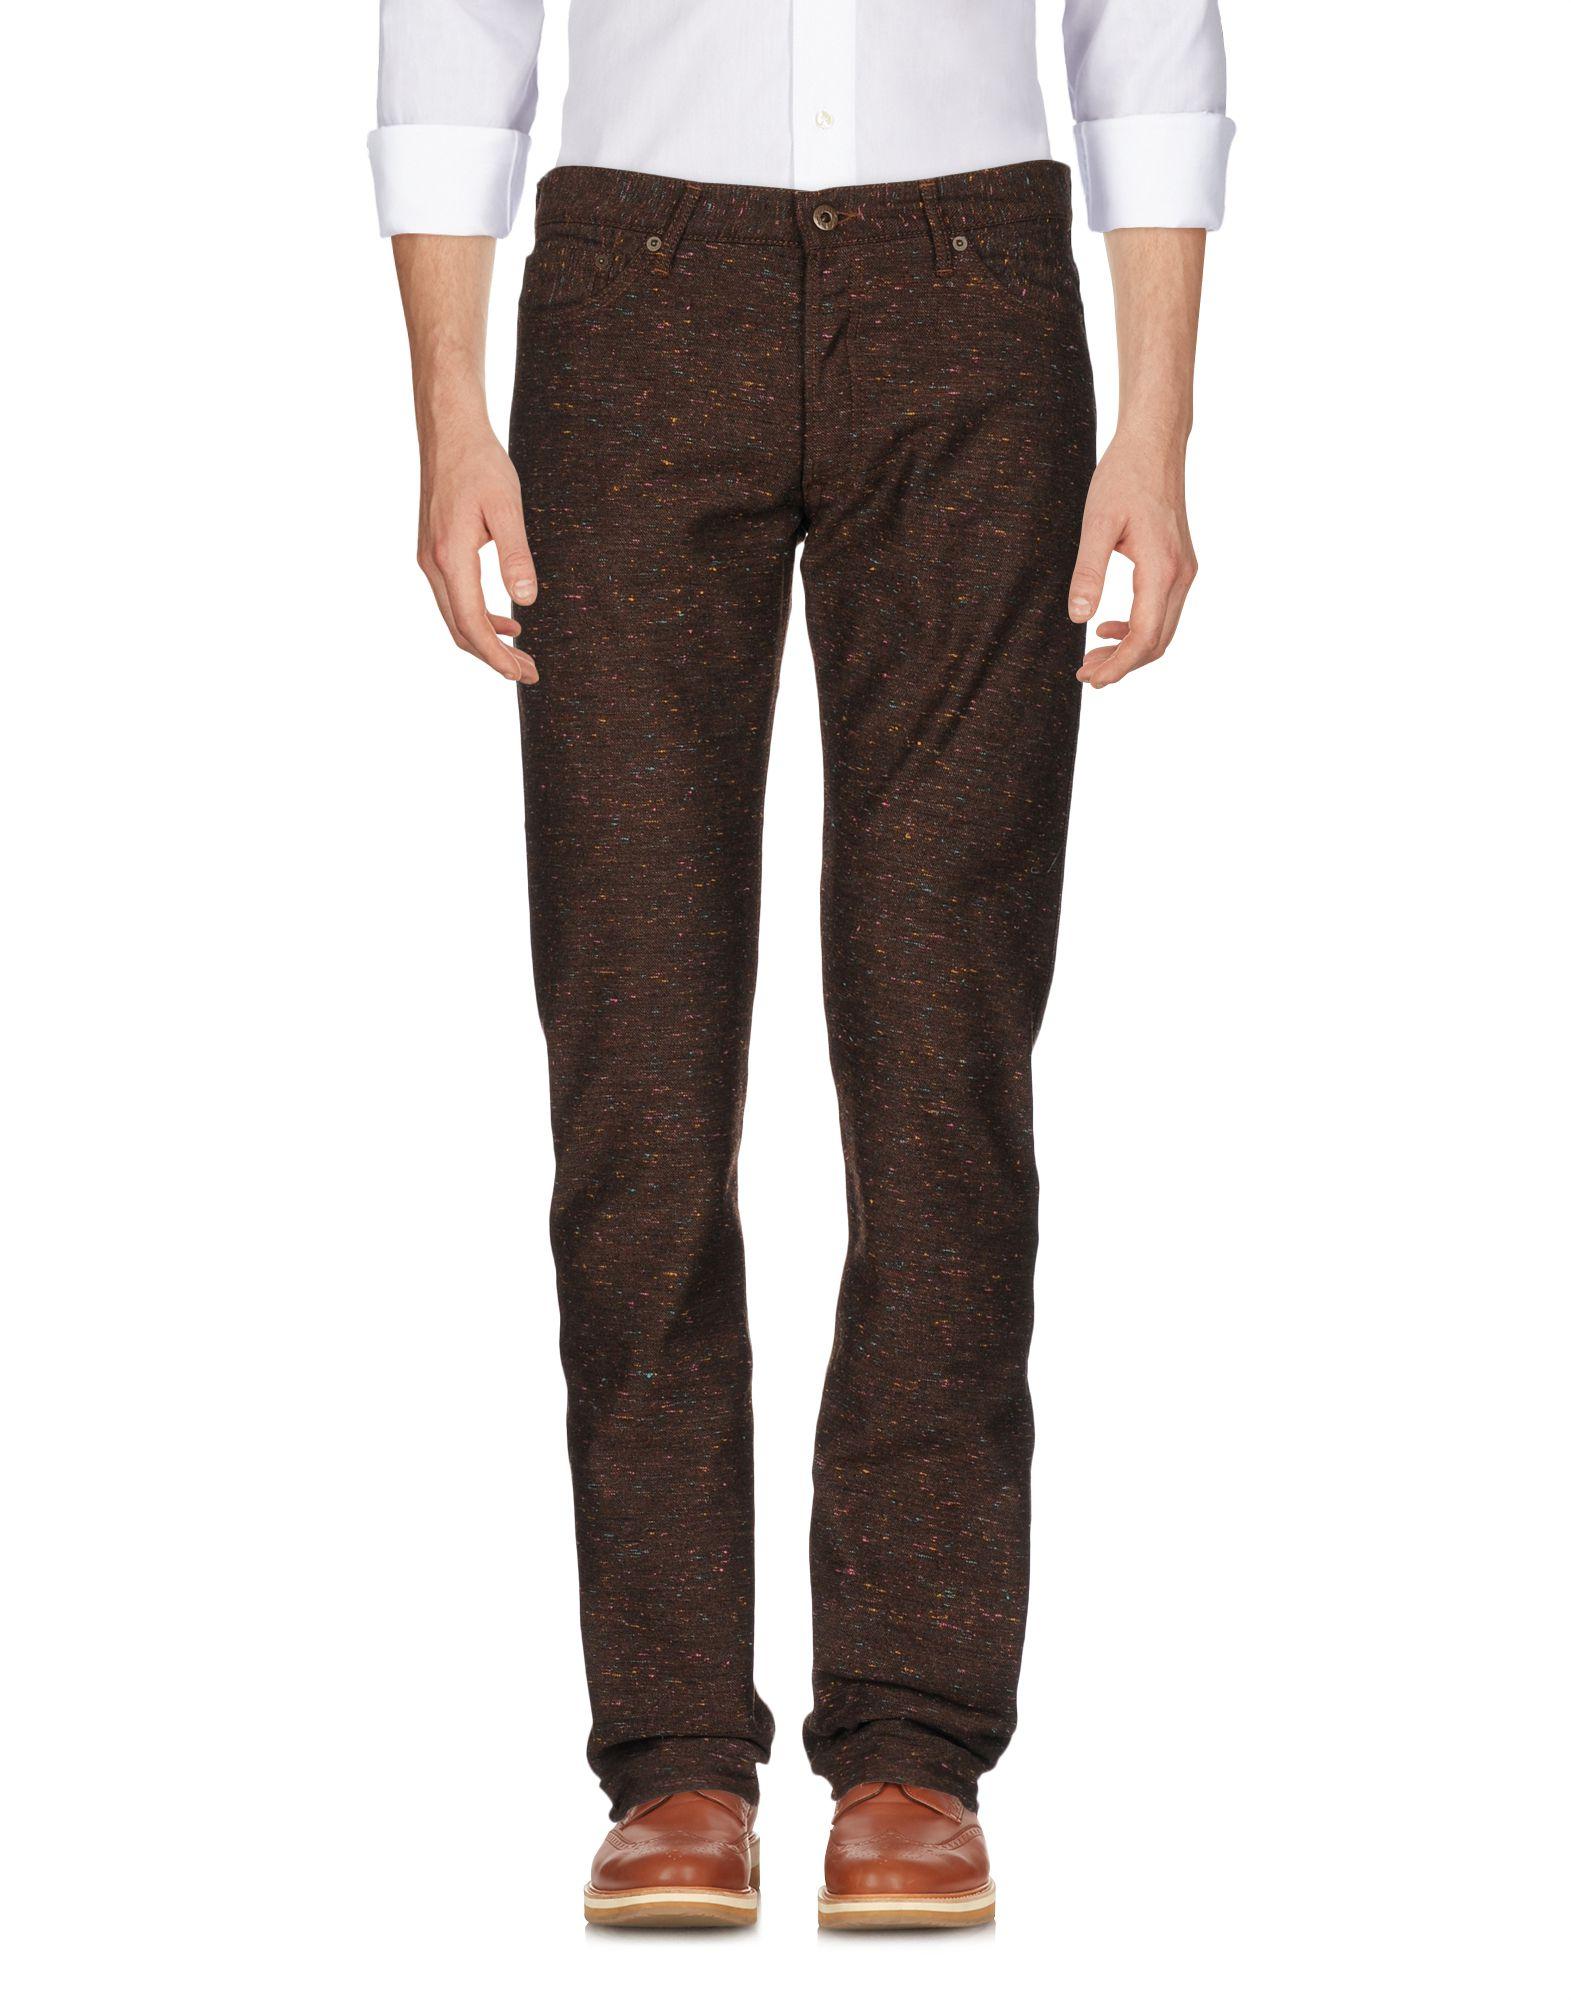 Japan Acquista Donna Blue online Tasche su Jeans 5 8qxawza7